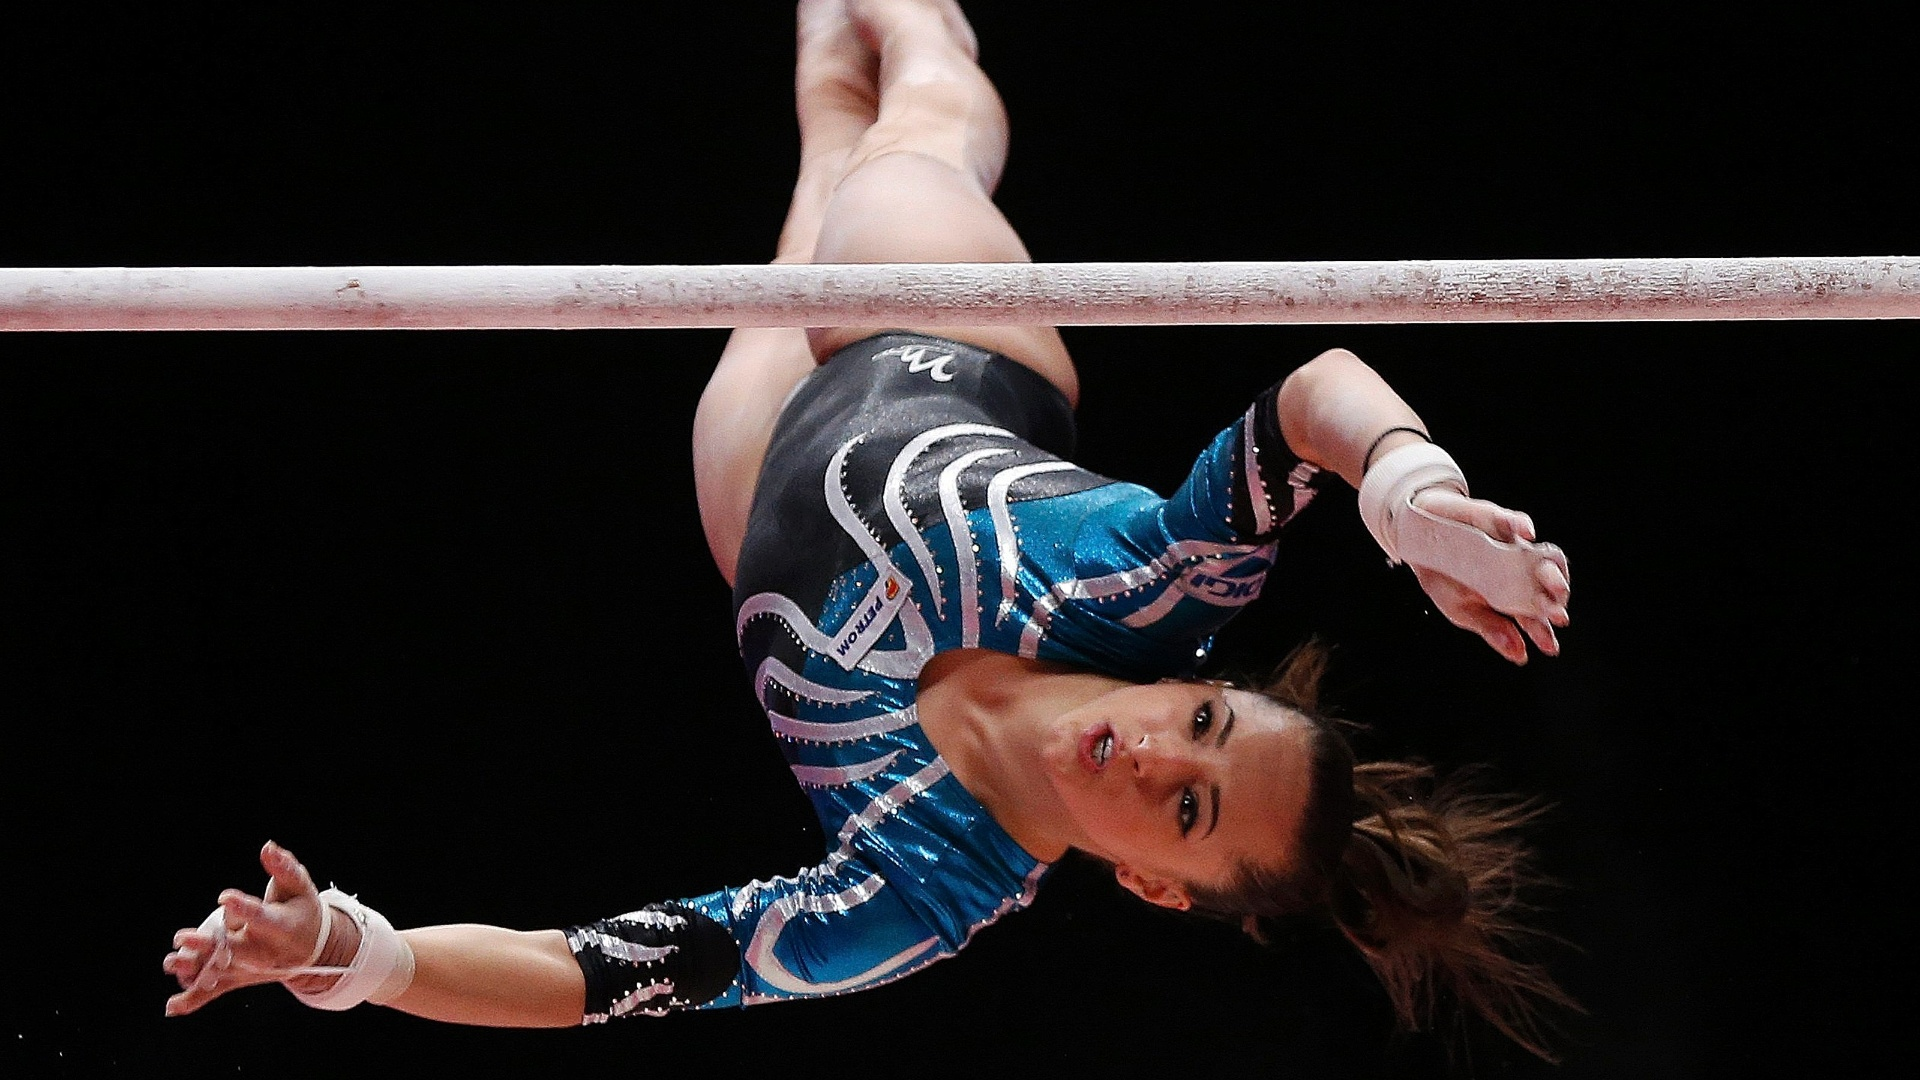 Larissa Iordache, da Romênia, executa uma pirueta em sua apresentação nas barras assimétricas durante a final individual geral do Mundial de ginástica